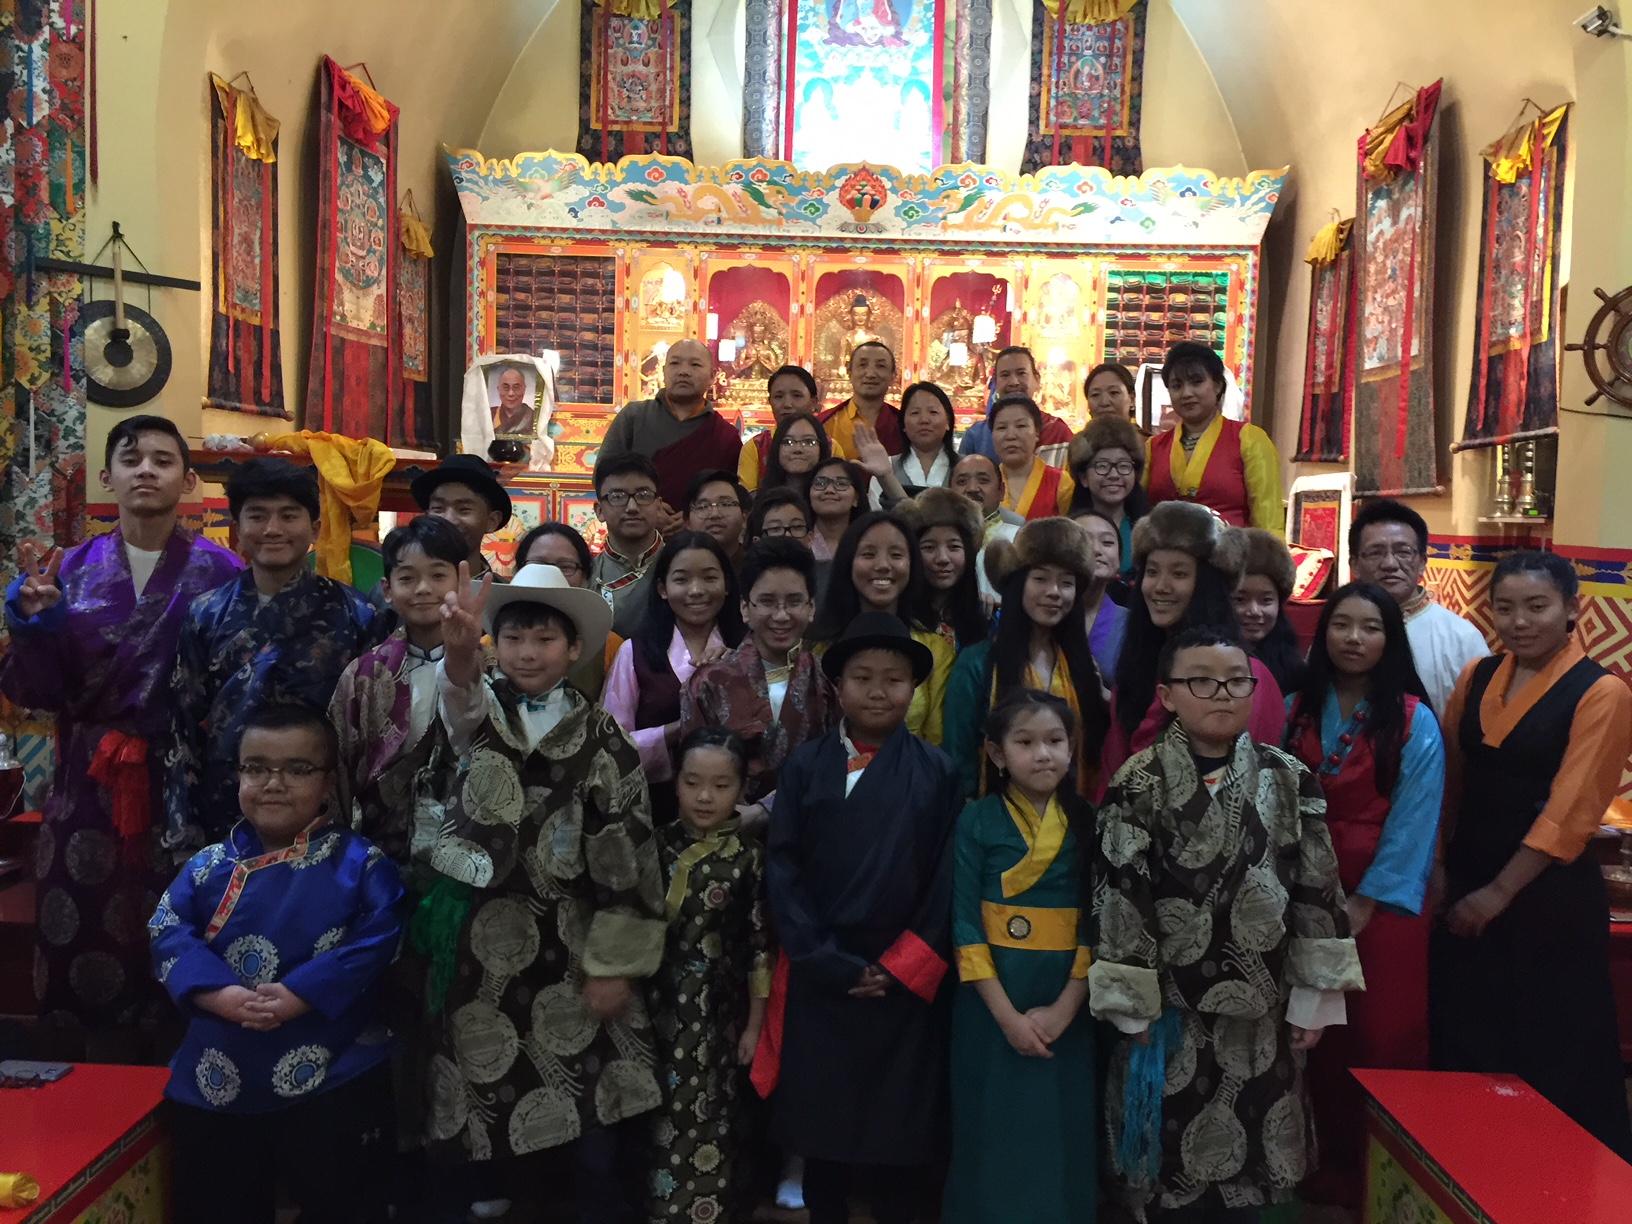 अमेरिकामा जन्मिएका बालबालिकाको बौद्ध शिक्षा मोह (फोटो फिचर)